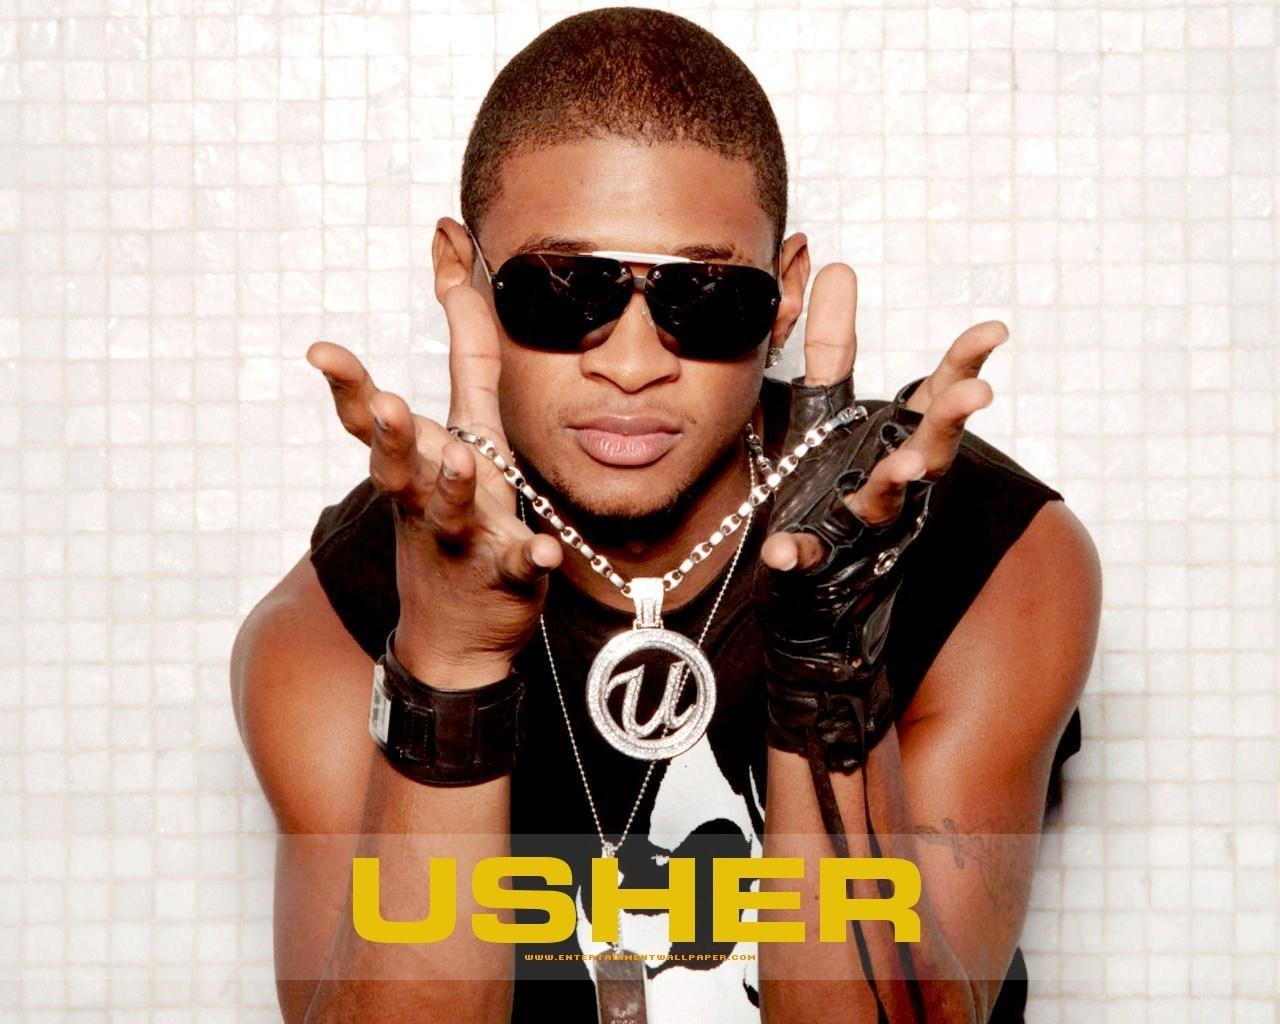 -Usher♥ - usher Wallpaper